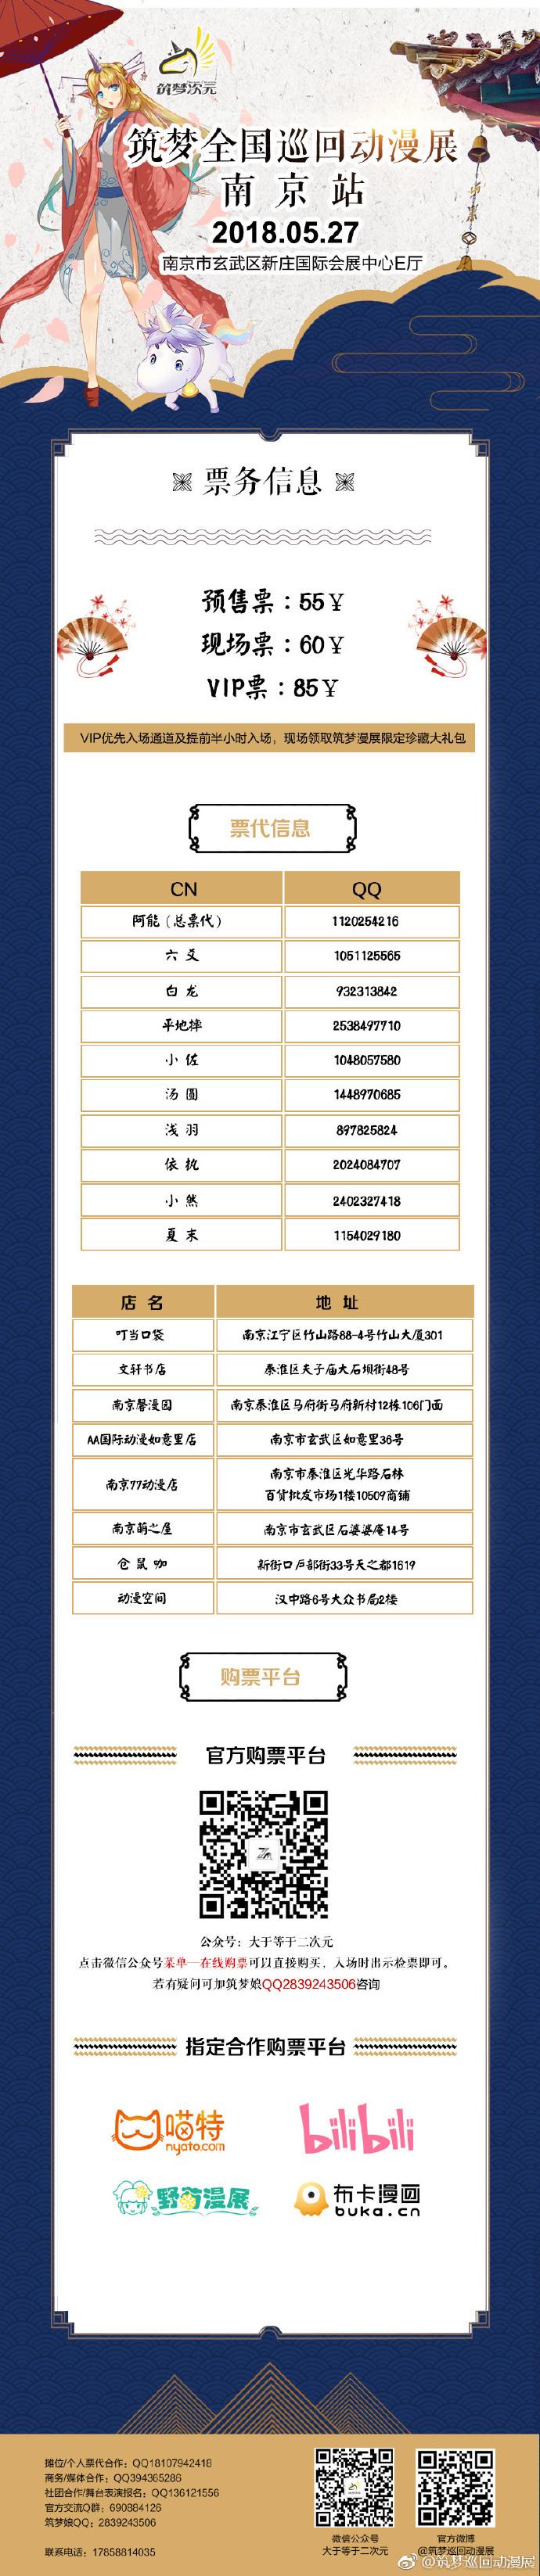 筑梦全国巡回动漫展·南京站-三宣-ANICOGA